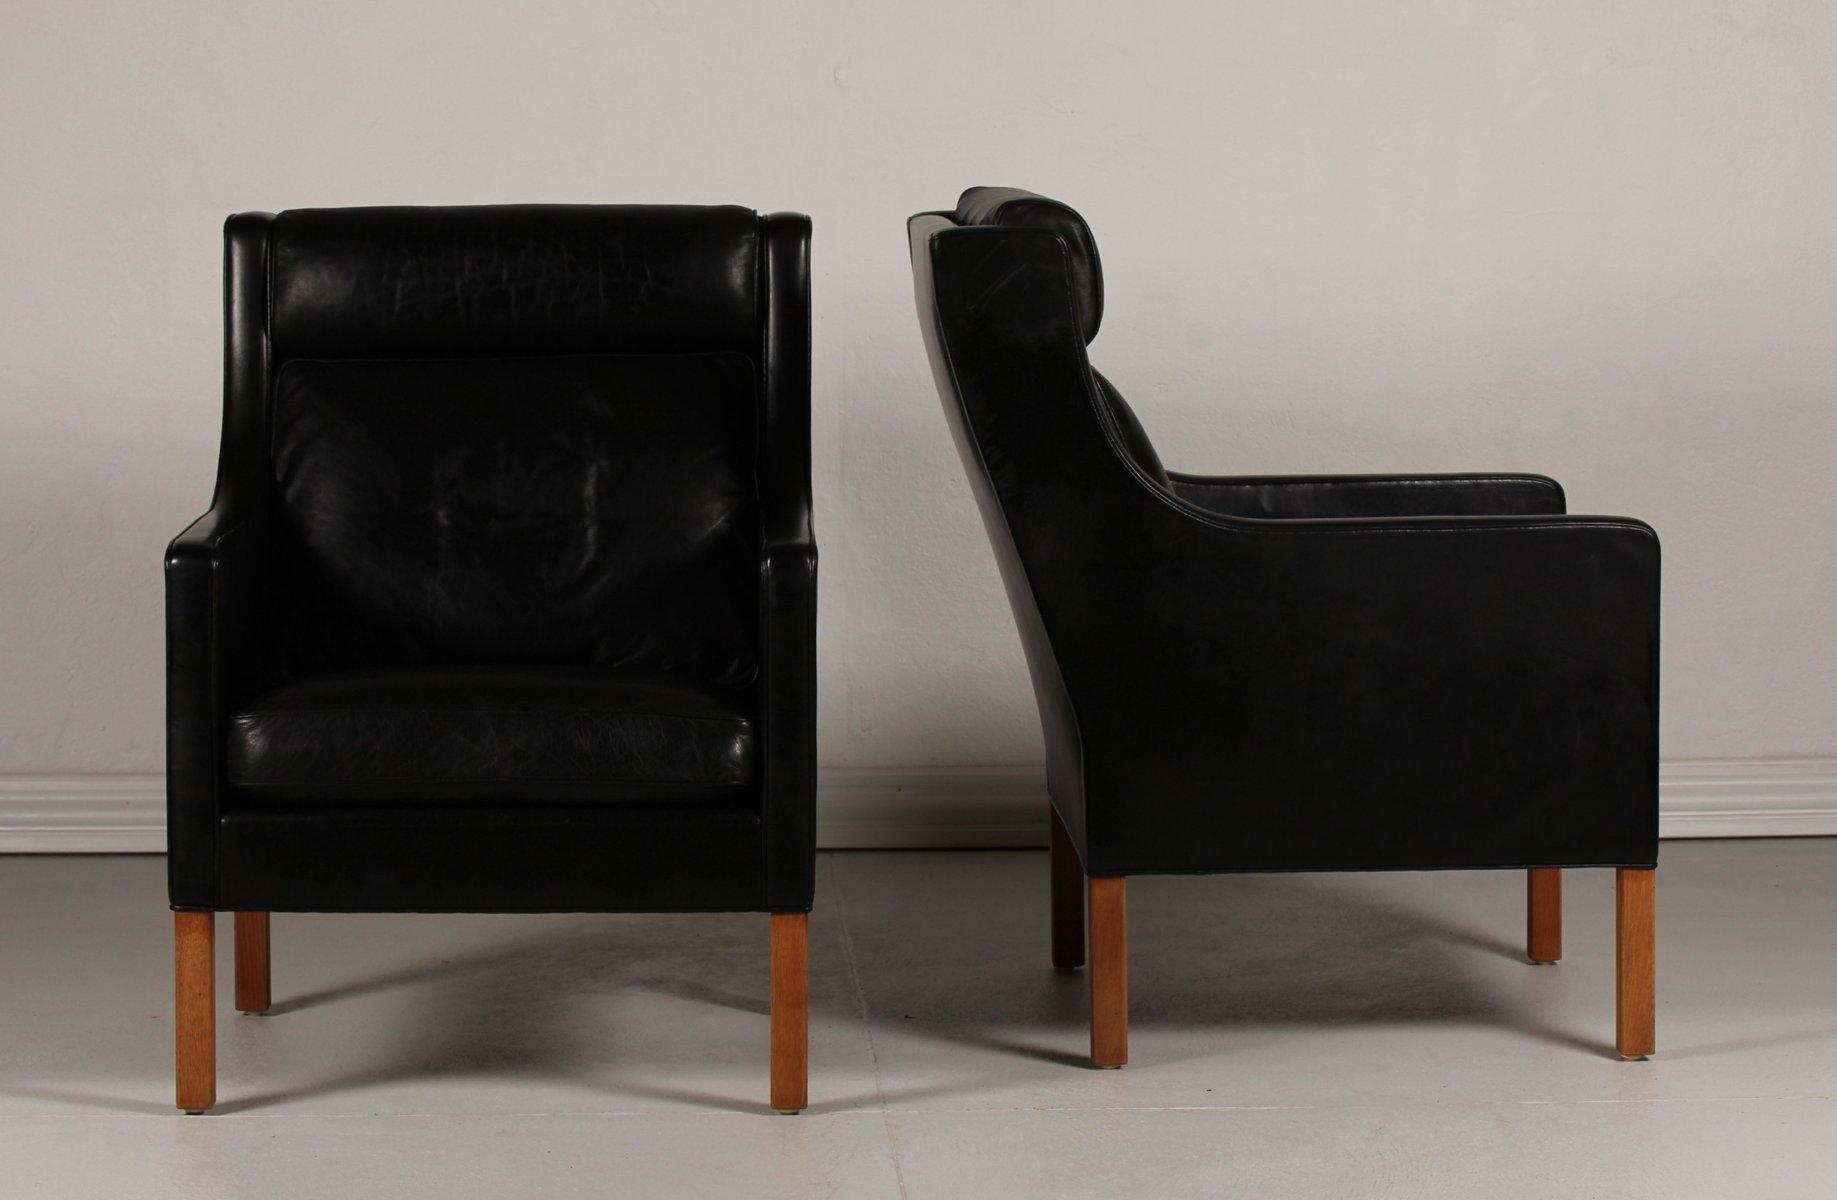 d nische 2431 ohrensessel aus schwarzem leder und eiche von b rge mogensen f r fredericia. Black Bedroom Furniture Sets. Home Design Ideas